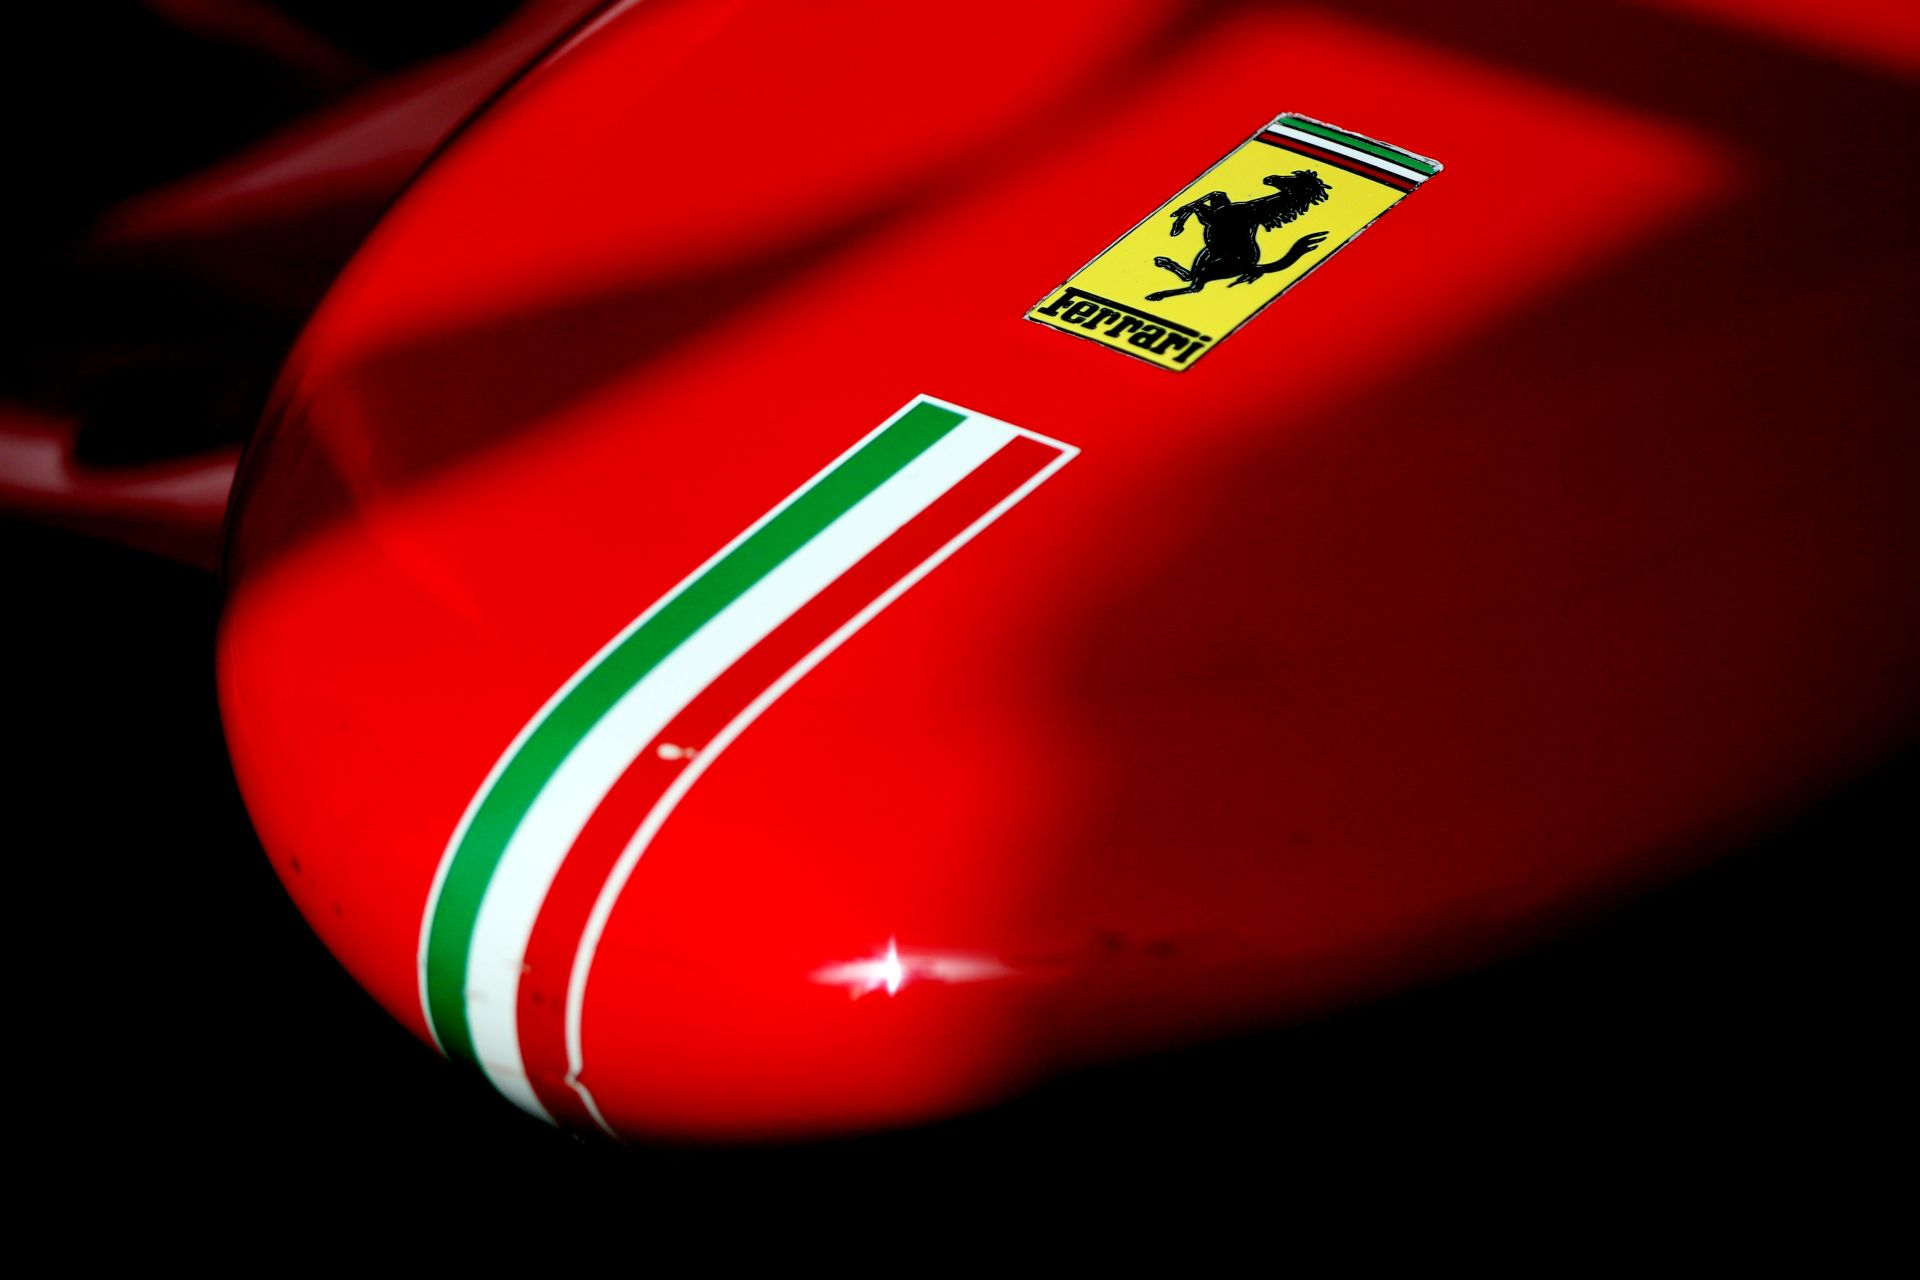 Ma mindkét Ferrari kiesik Barcelonában…